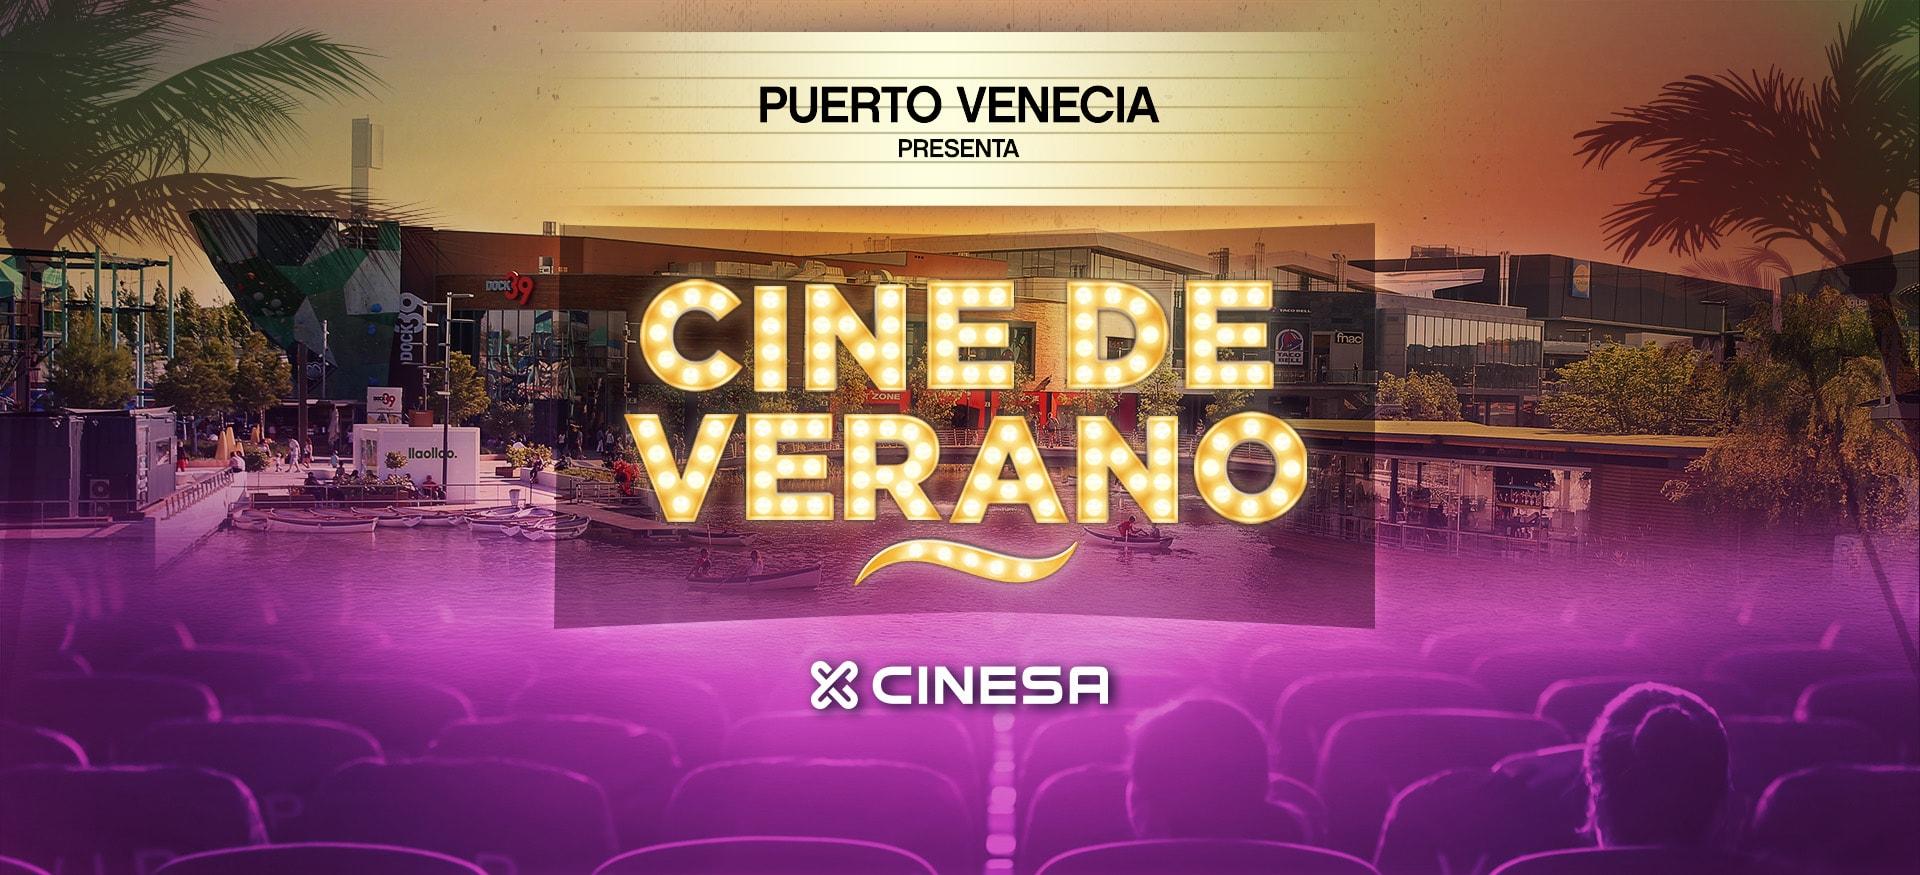 Cine de Verano Puerto Venecia